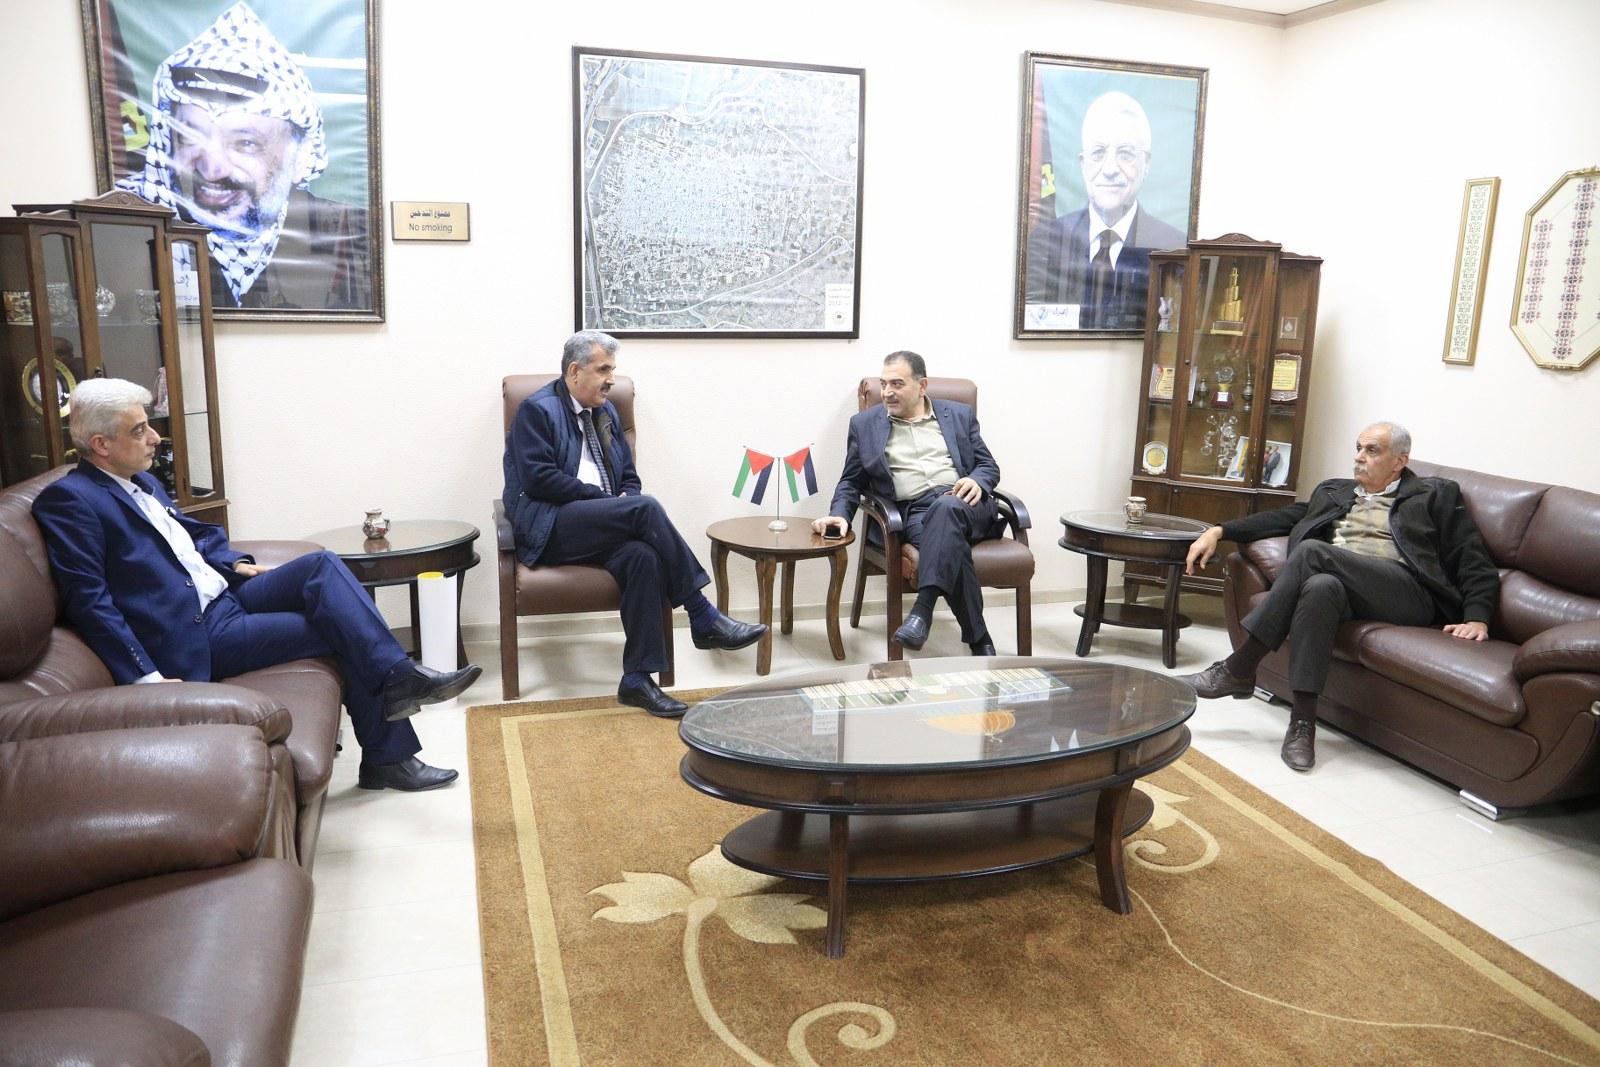 رئيس بلدية قلقيلية الدكتور هاشم المصري يلتقي برئيس اللجنة الفرعية لنقابة الطب المخبري